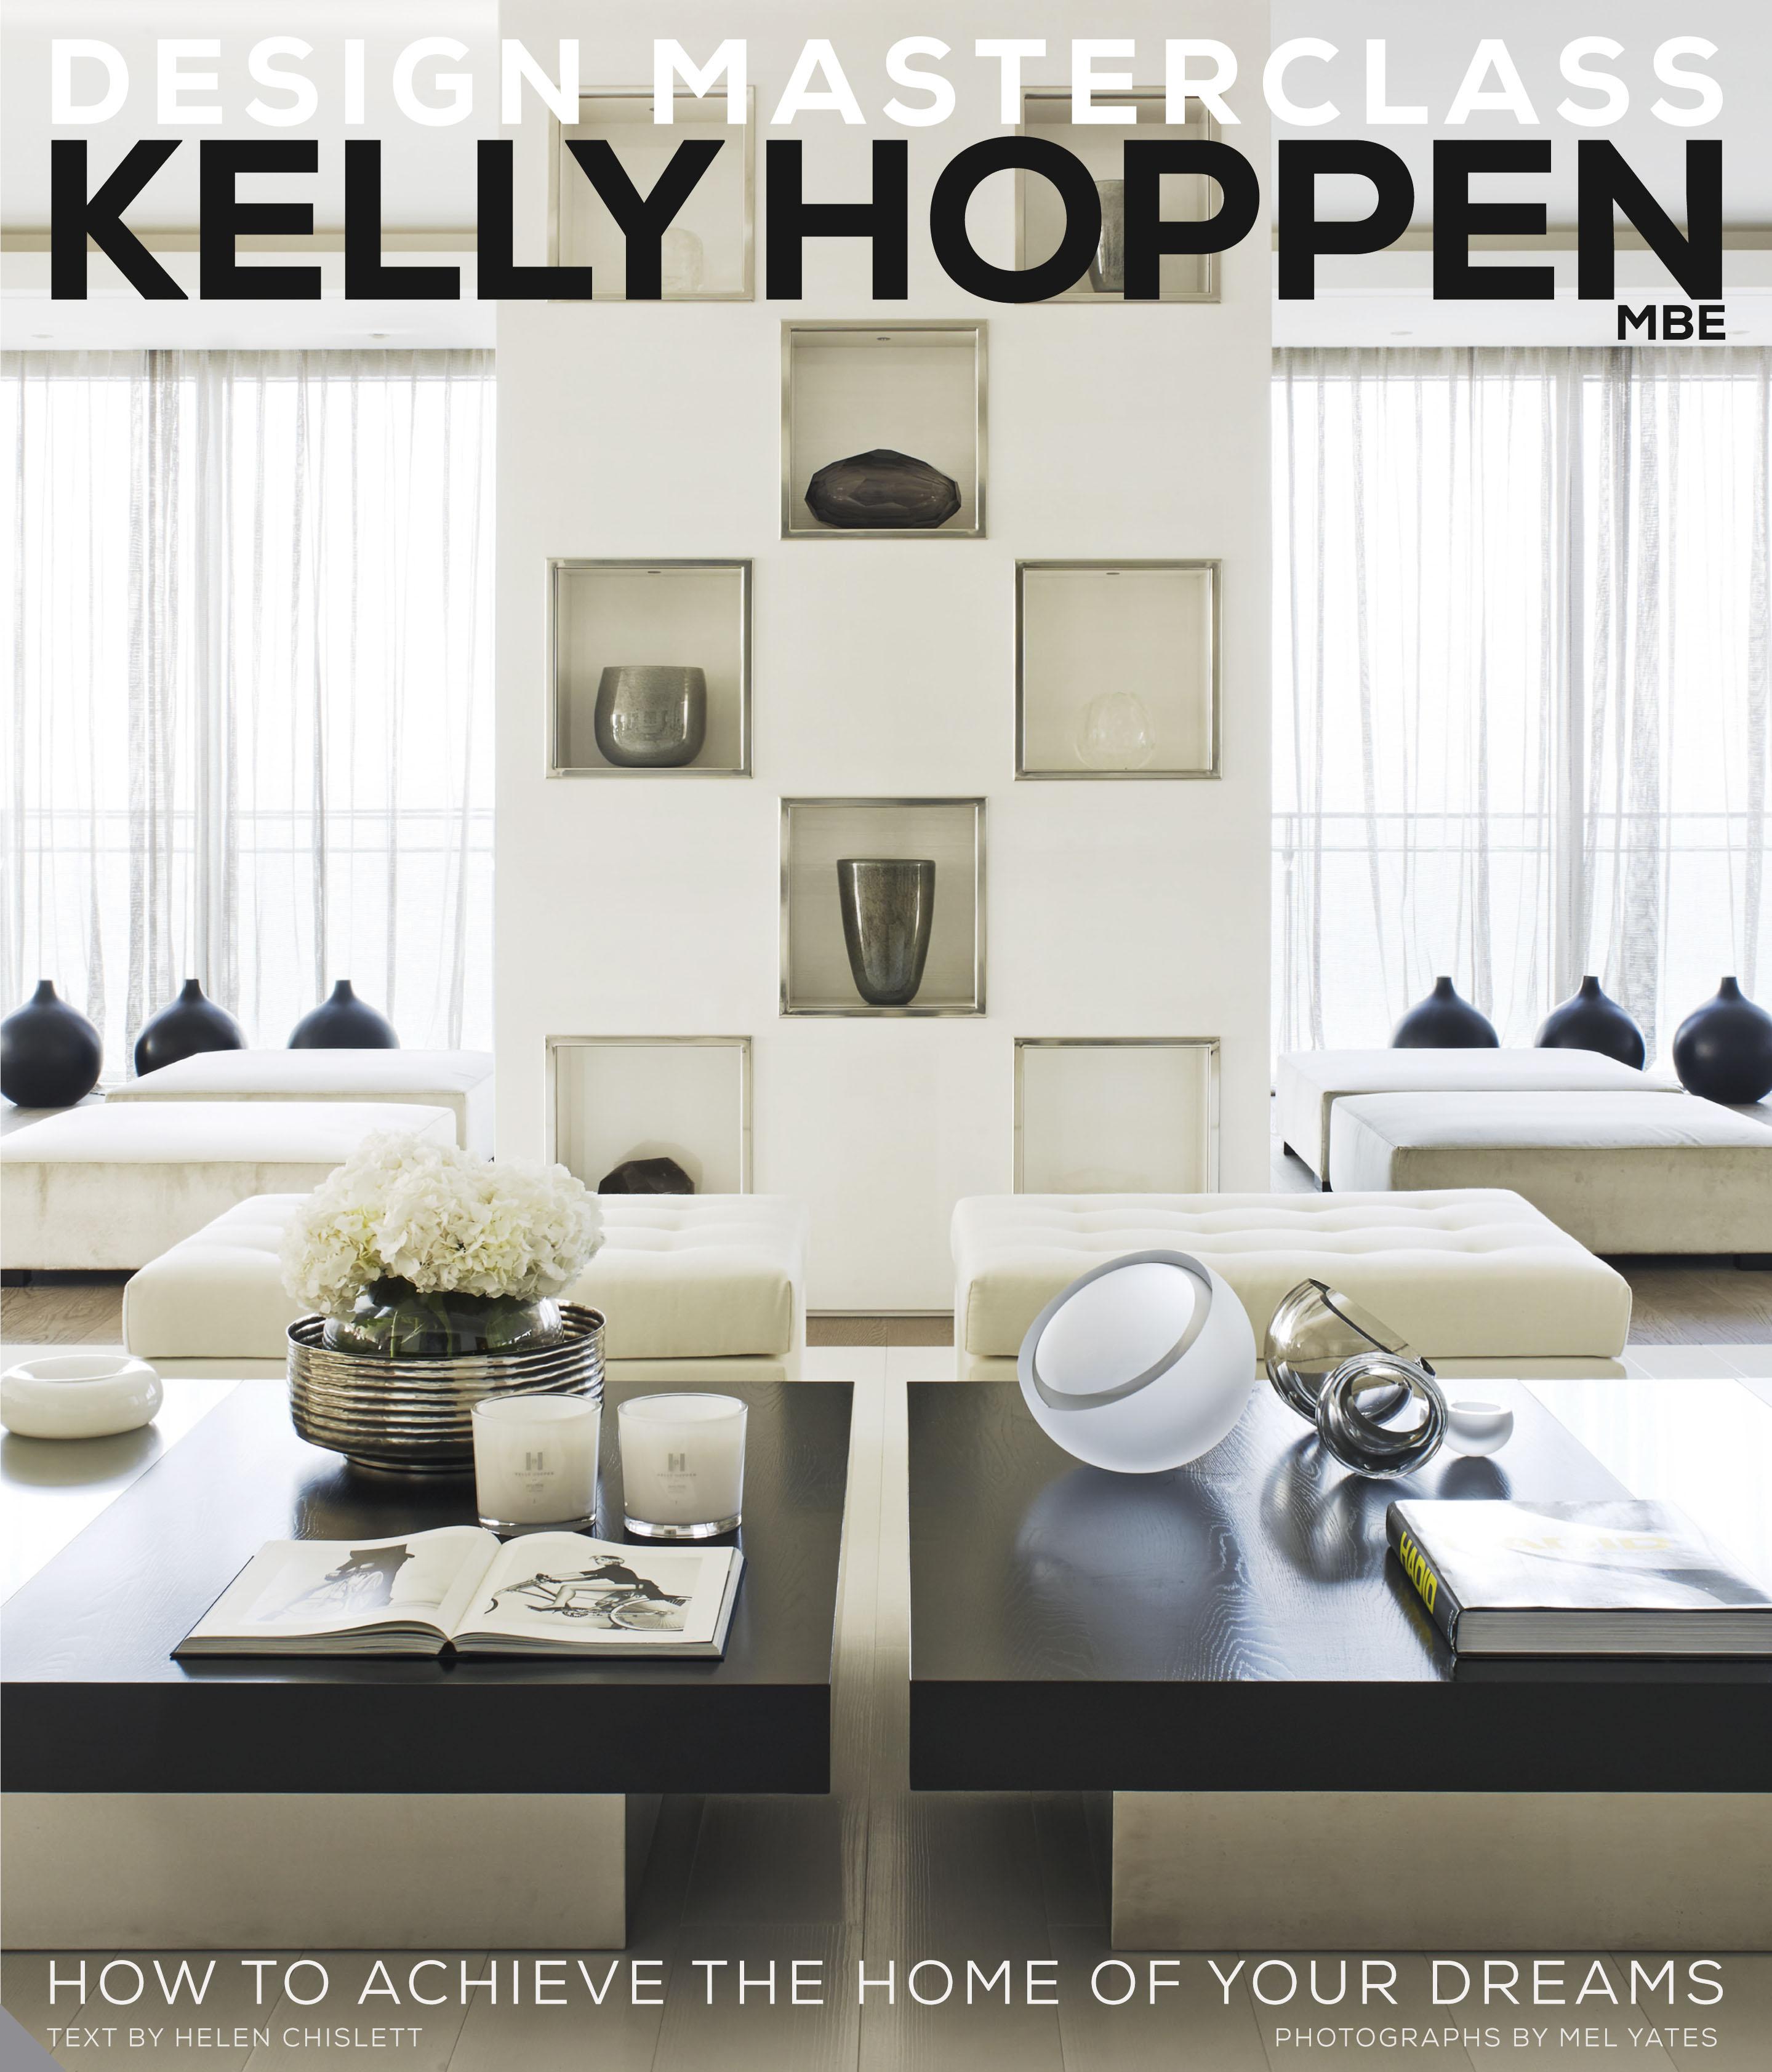 New Interior Design Books. interior design erie construction blog ...